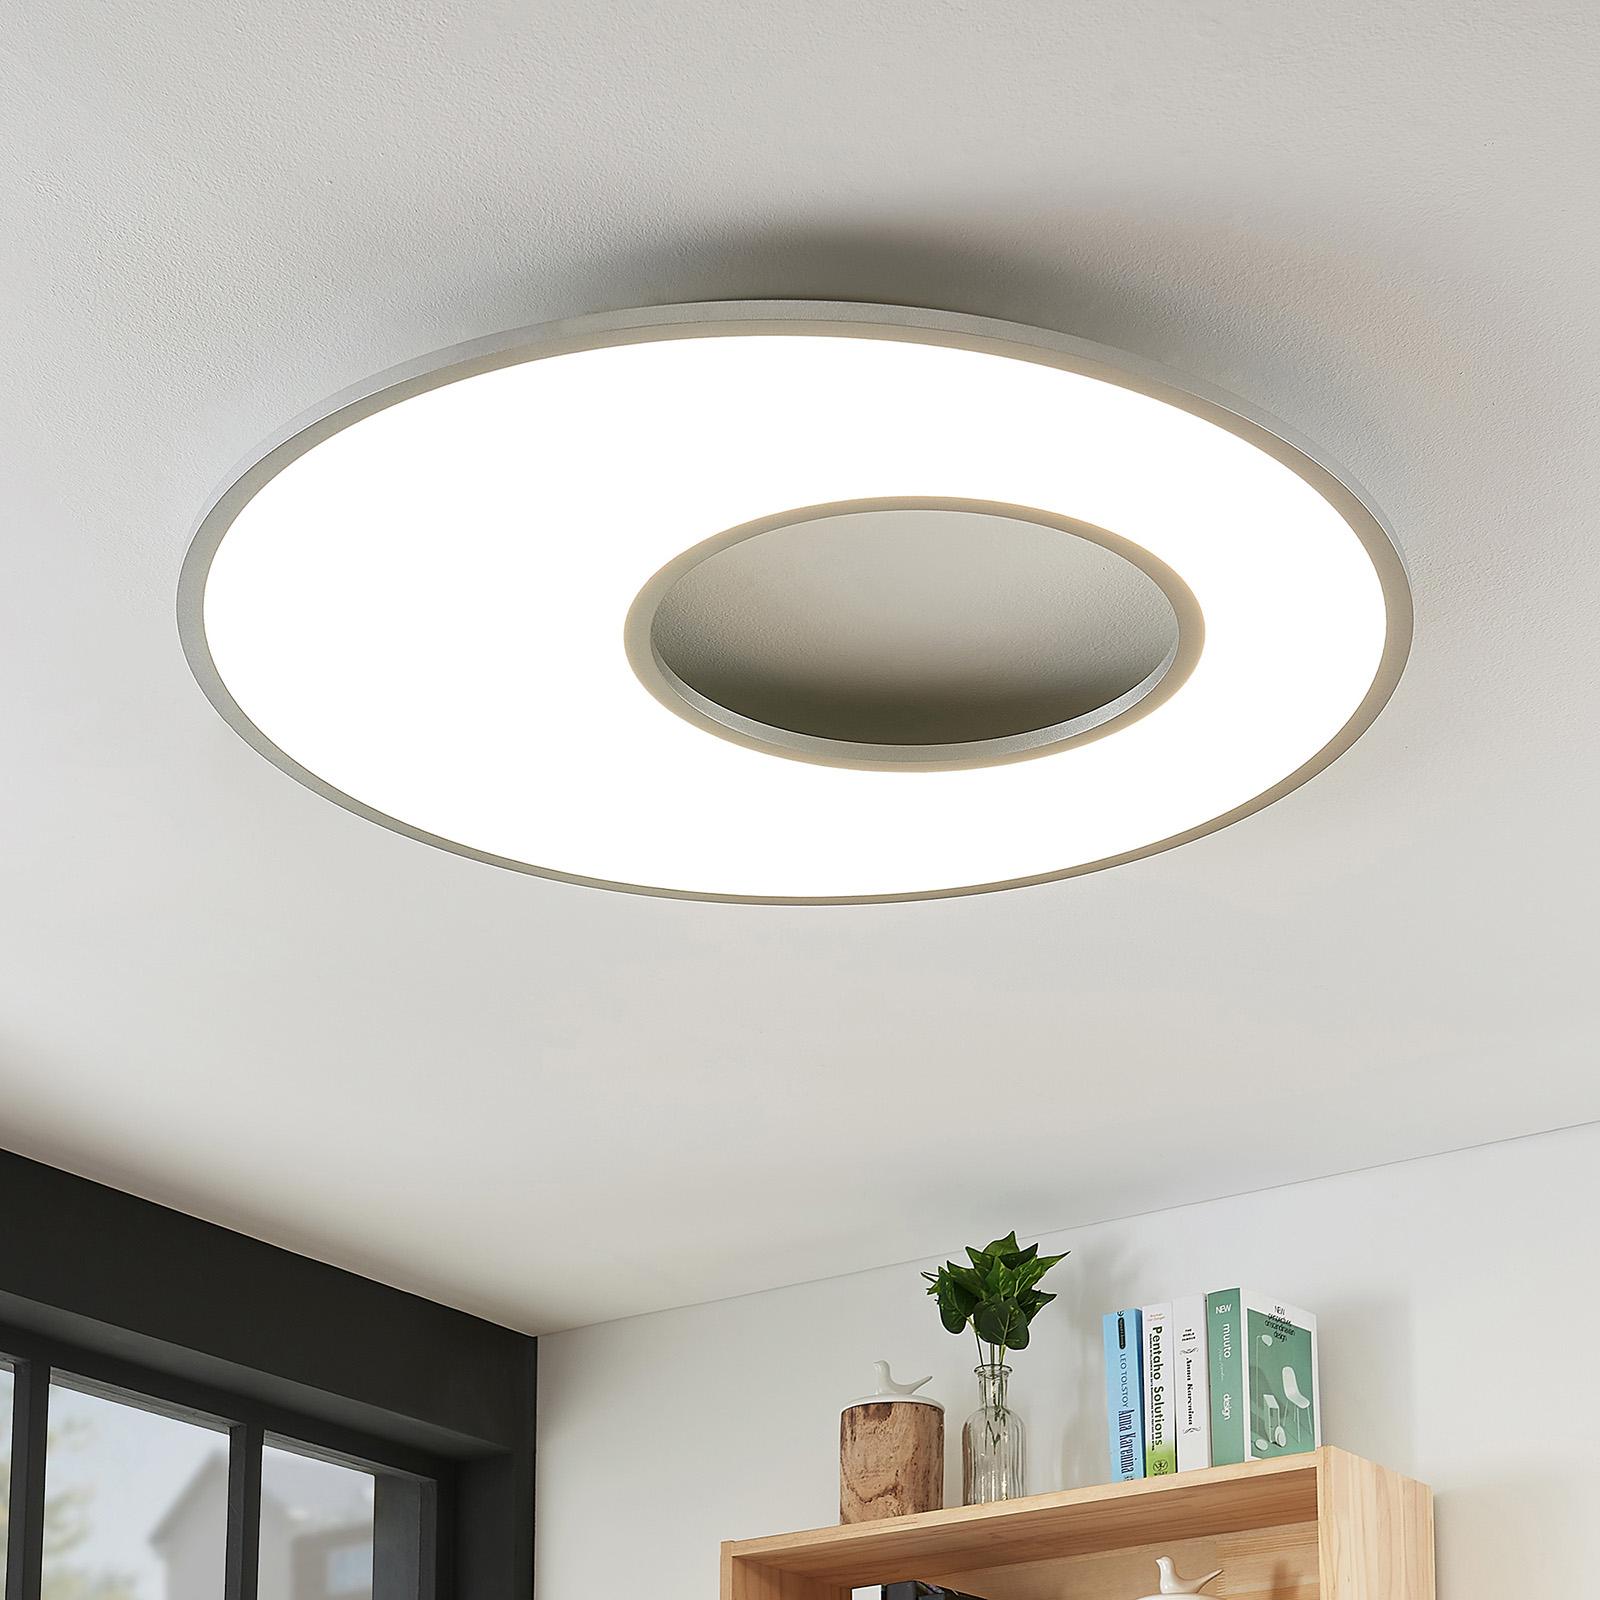 LED-taklampe Durun, dimbar, CCT, rund, 80 cm